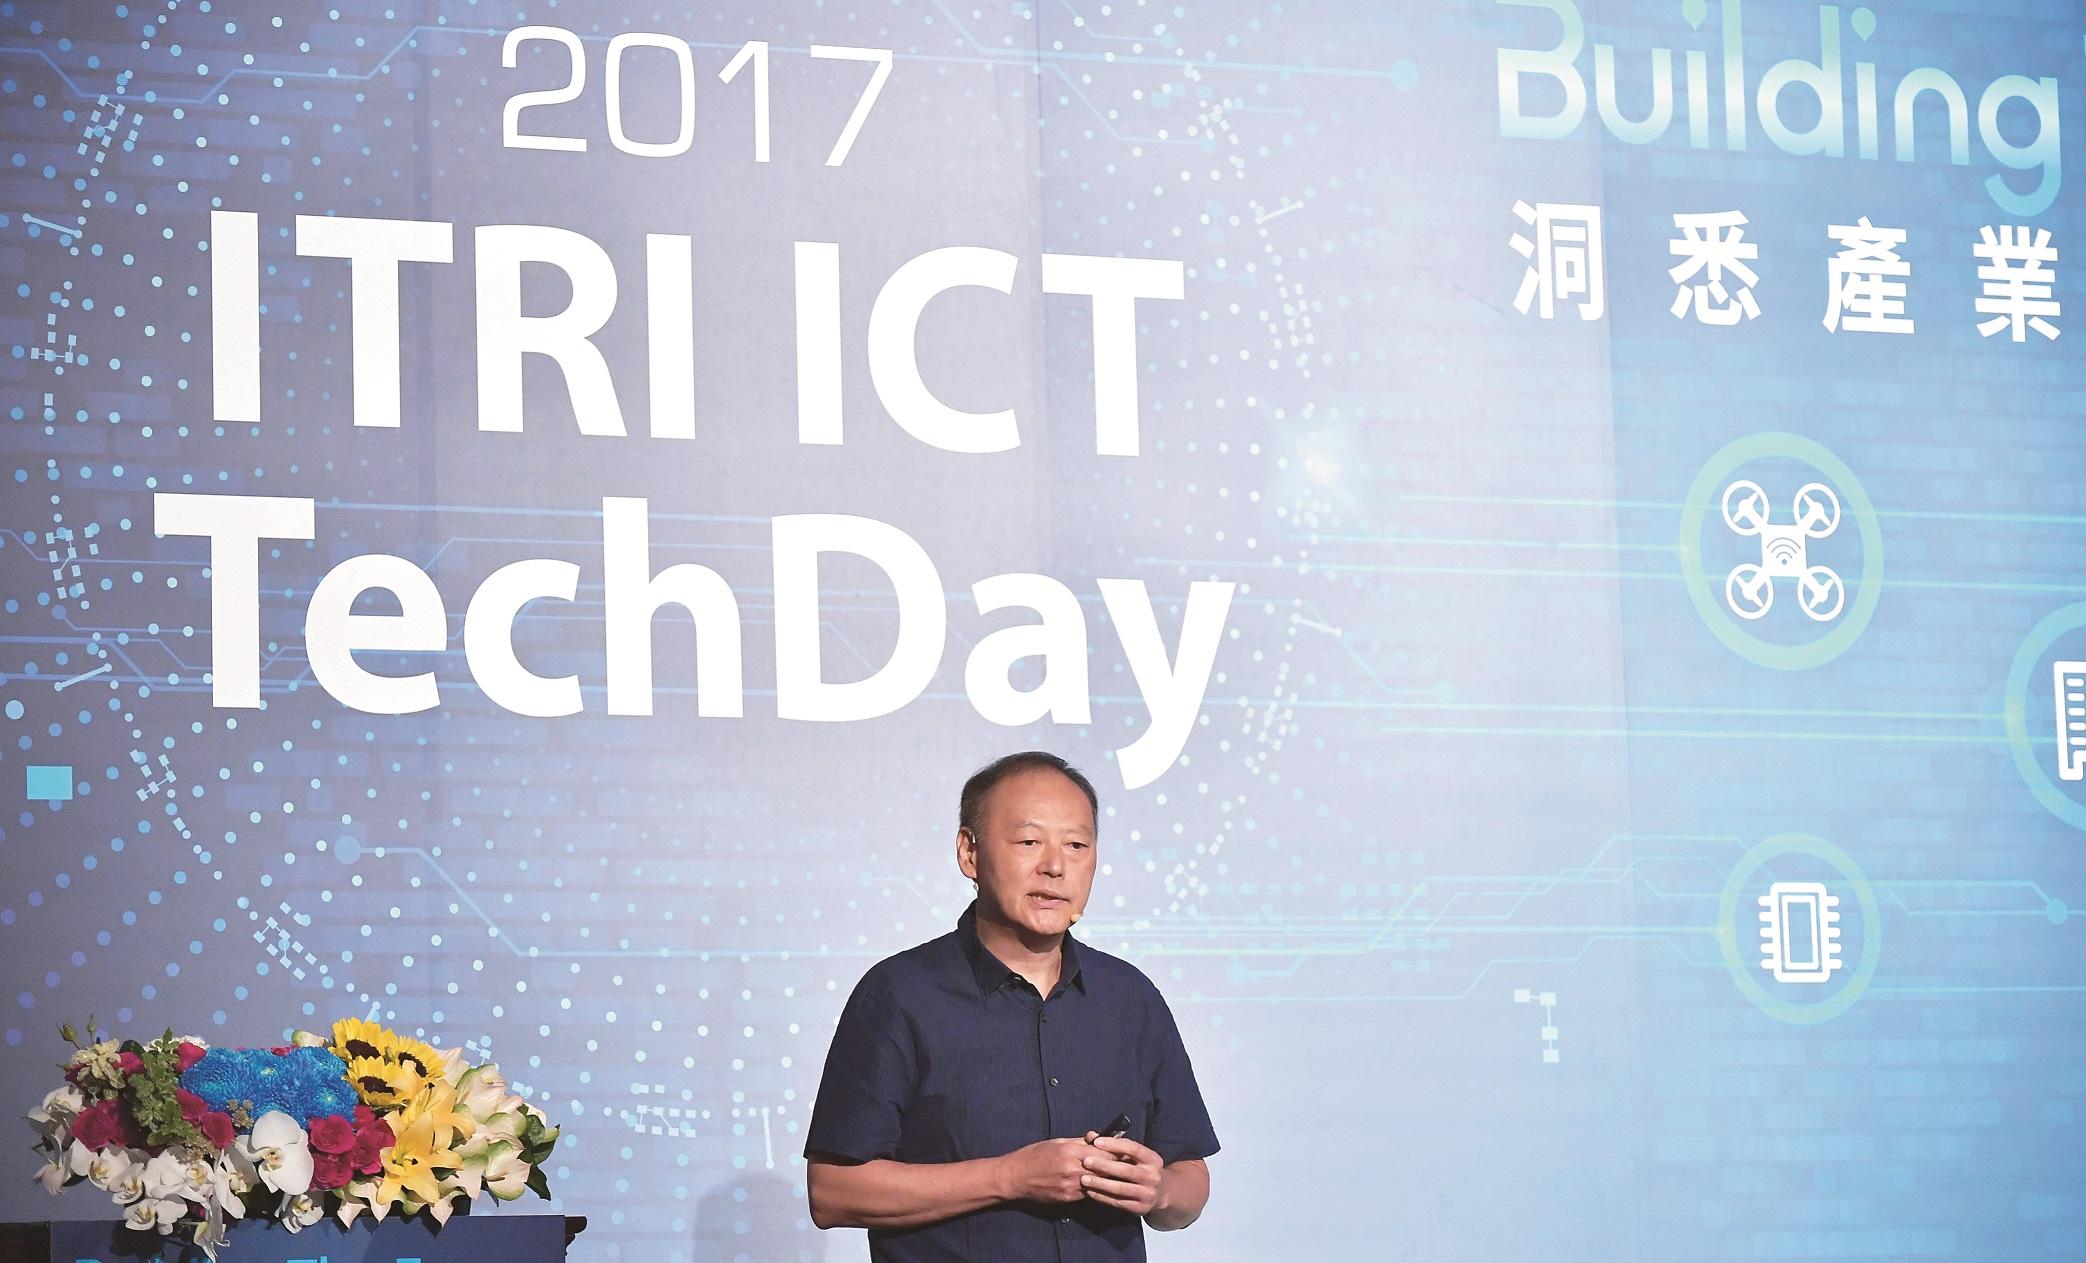 創新教父周永明虛擬強擊 數字王國深耕VR和AR創新應用